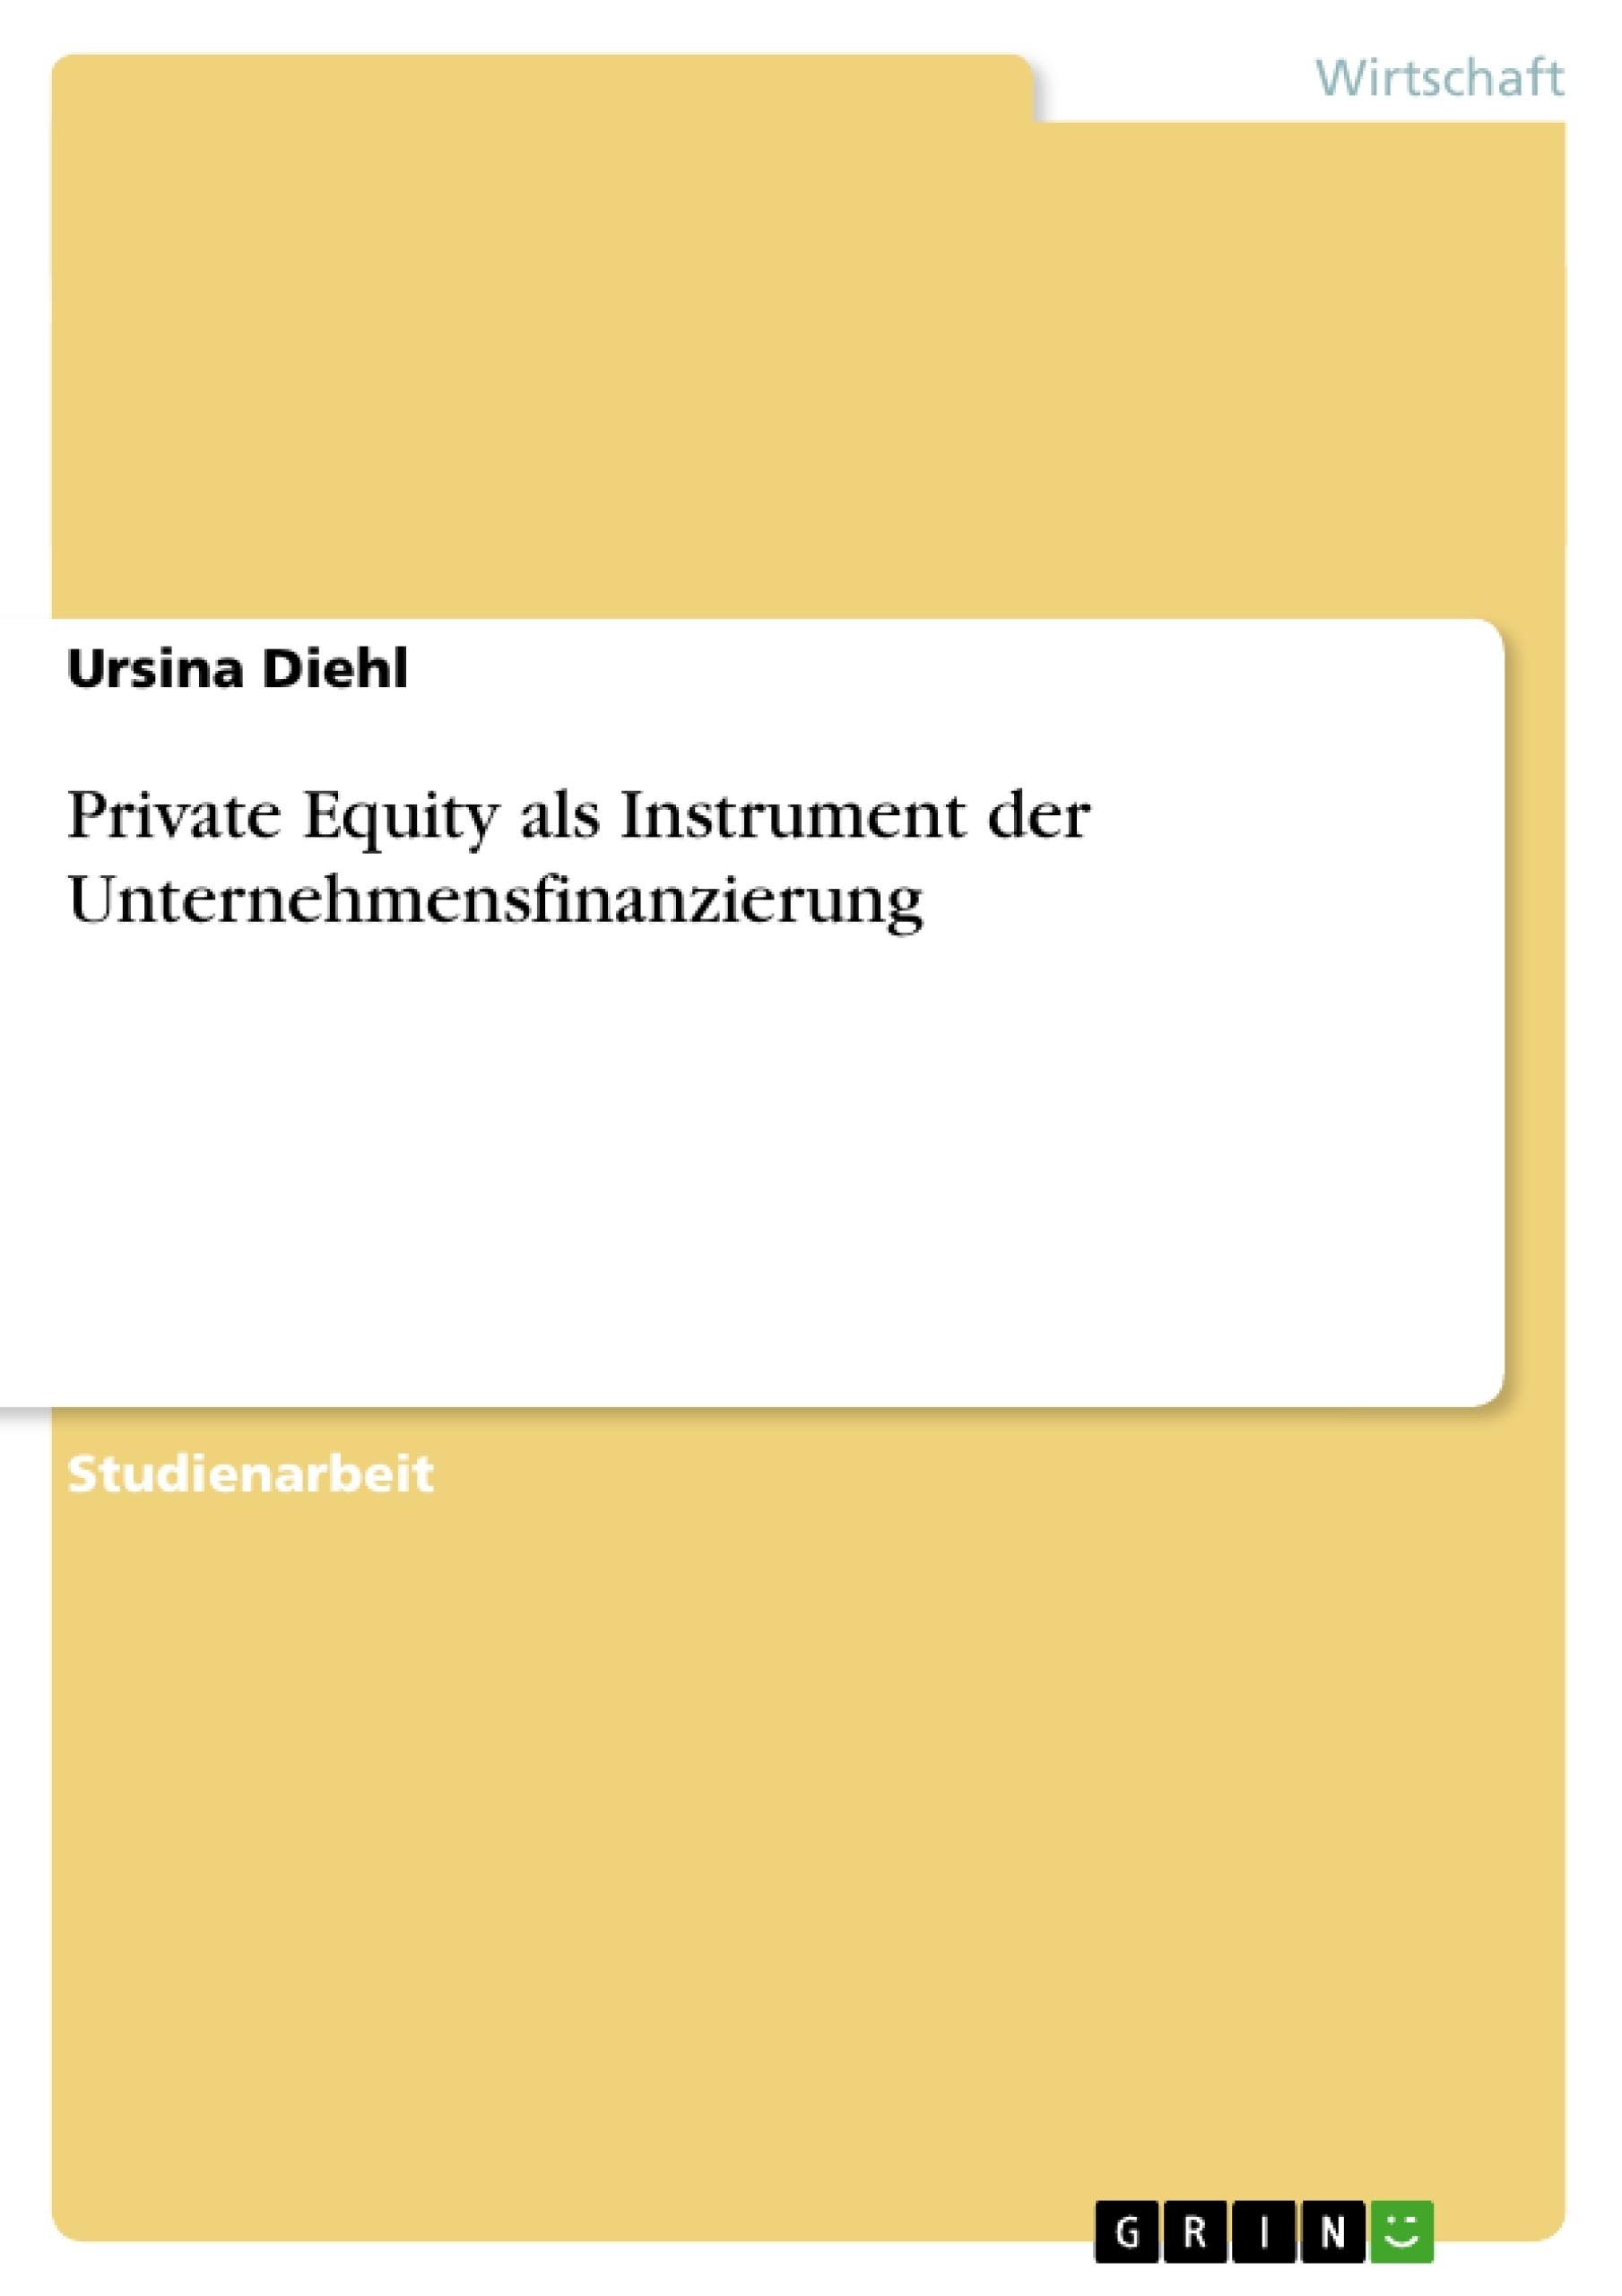 Titel: Private Equity als Instrument der Unternehmensfinanzierung